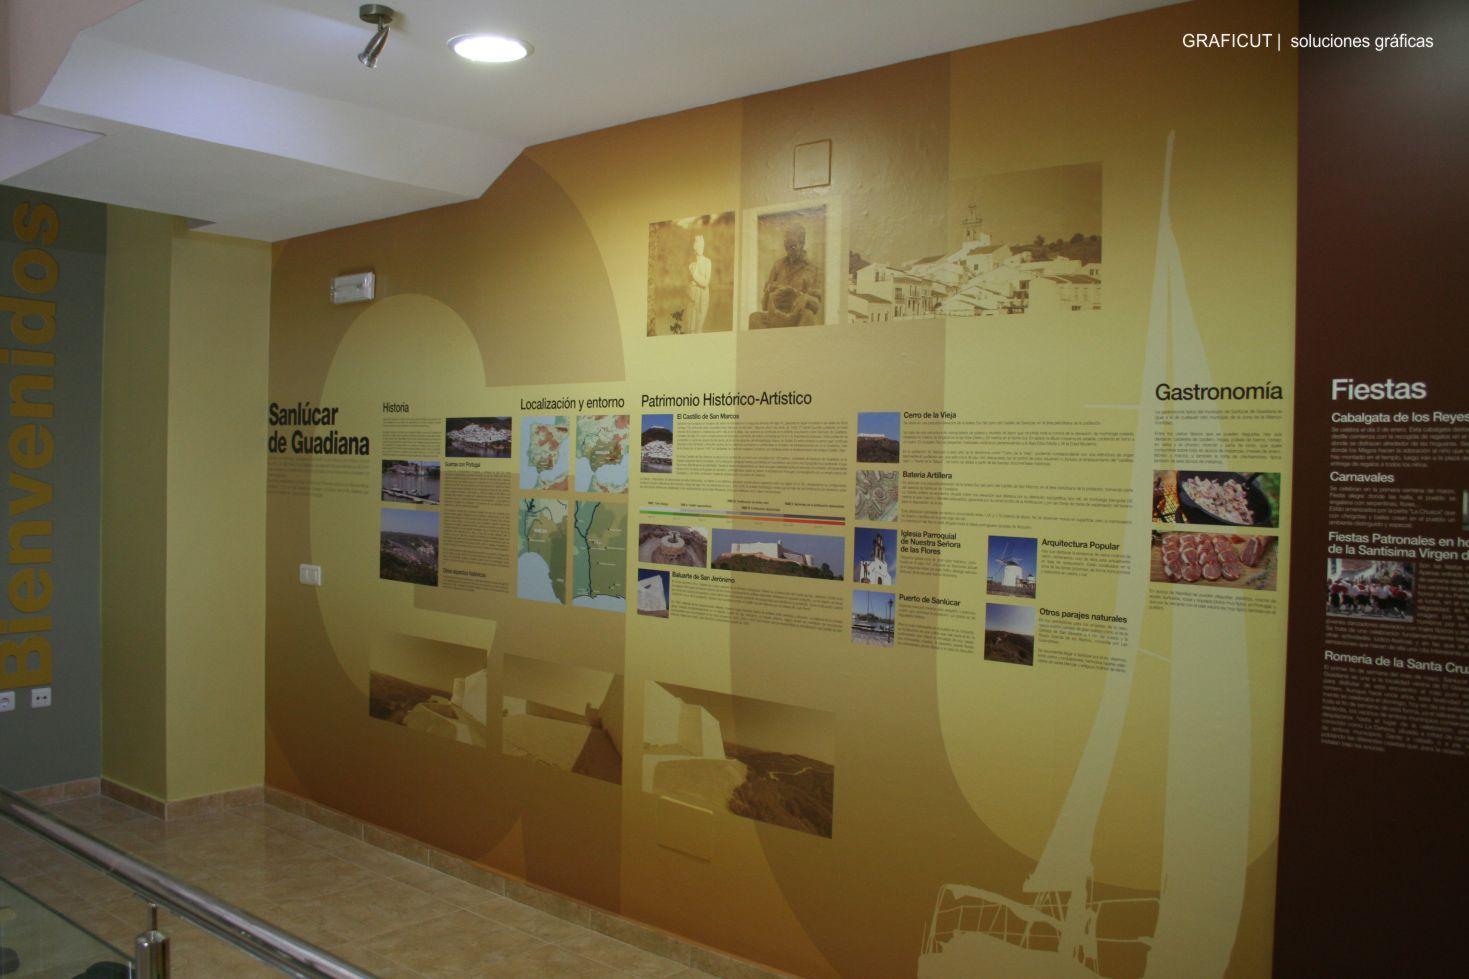 Centro de visitantes sanlucar de guadiana produccion instalacion museo impresion instalada